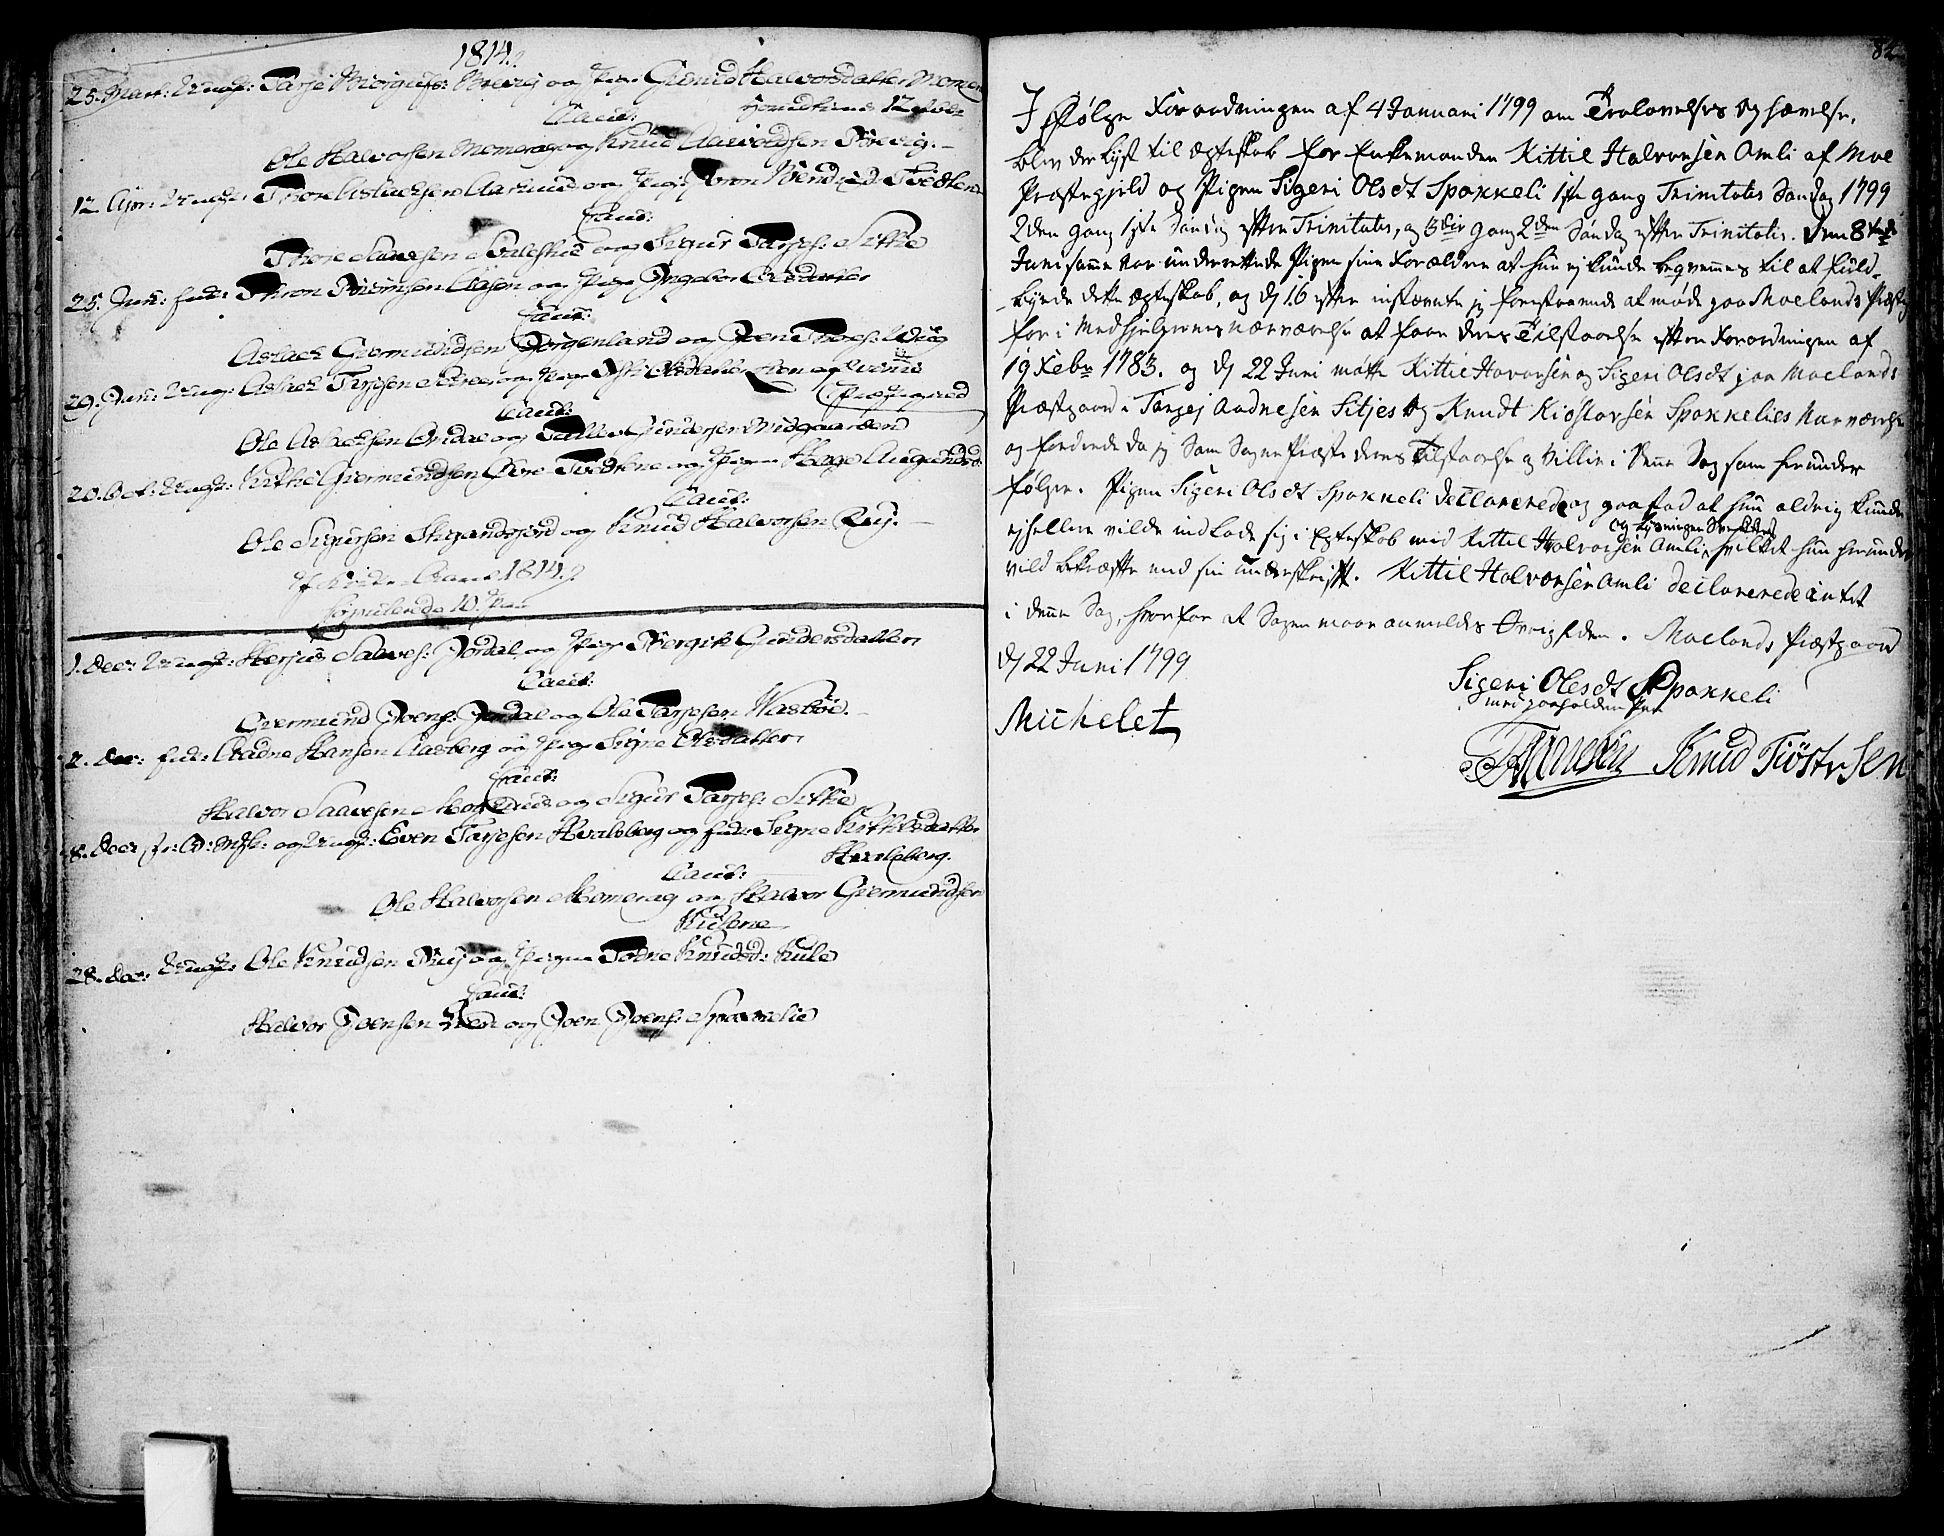 SAKO, Fyresdal kirkebøker, F/Fa/L0002: Ministerialbok nr. I 2, 1769-1814, s. 82